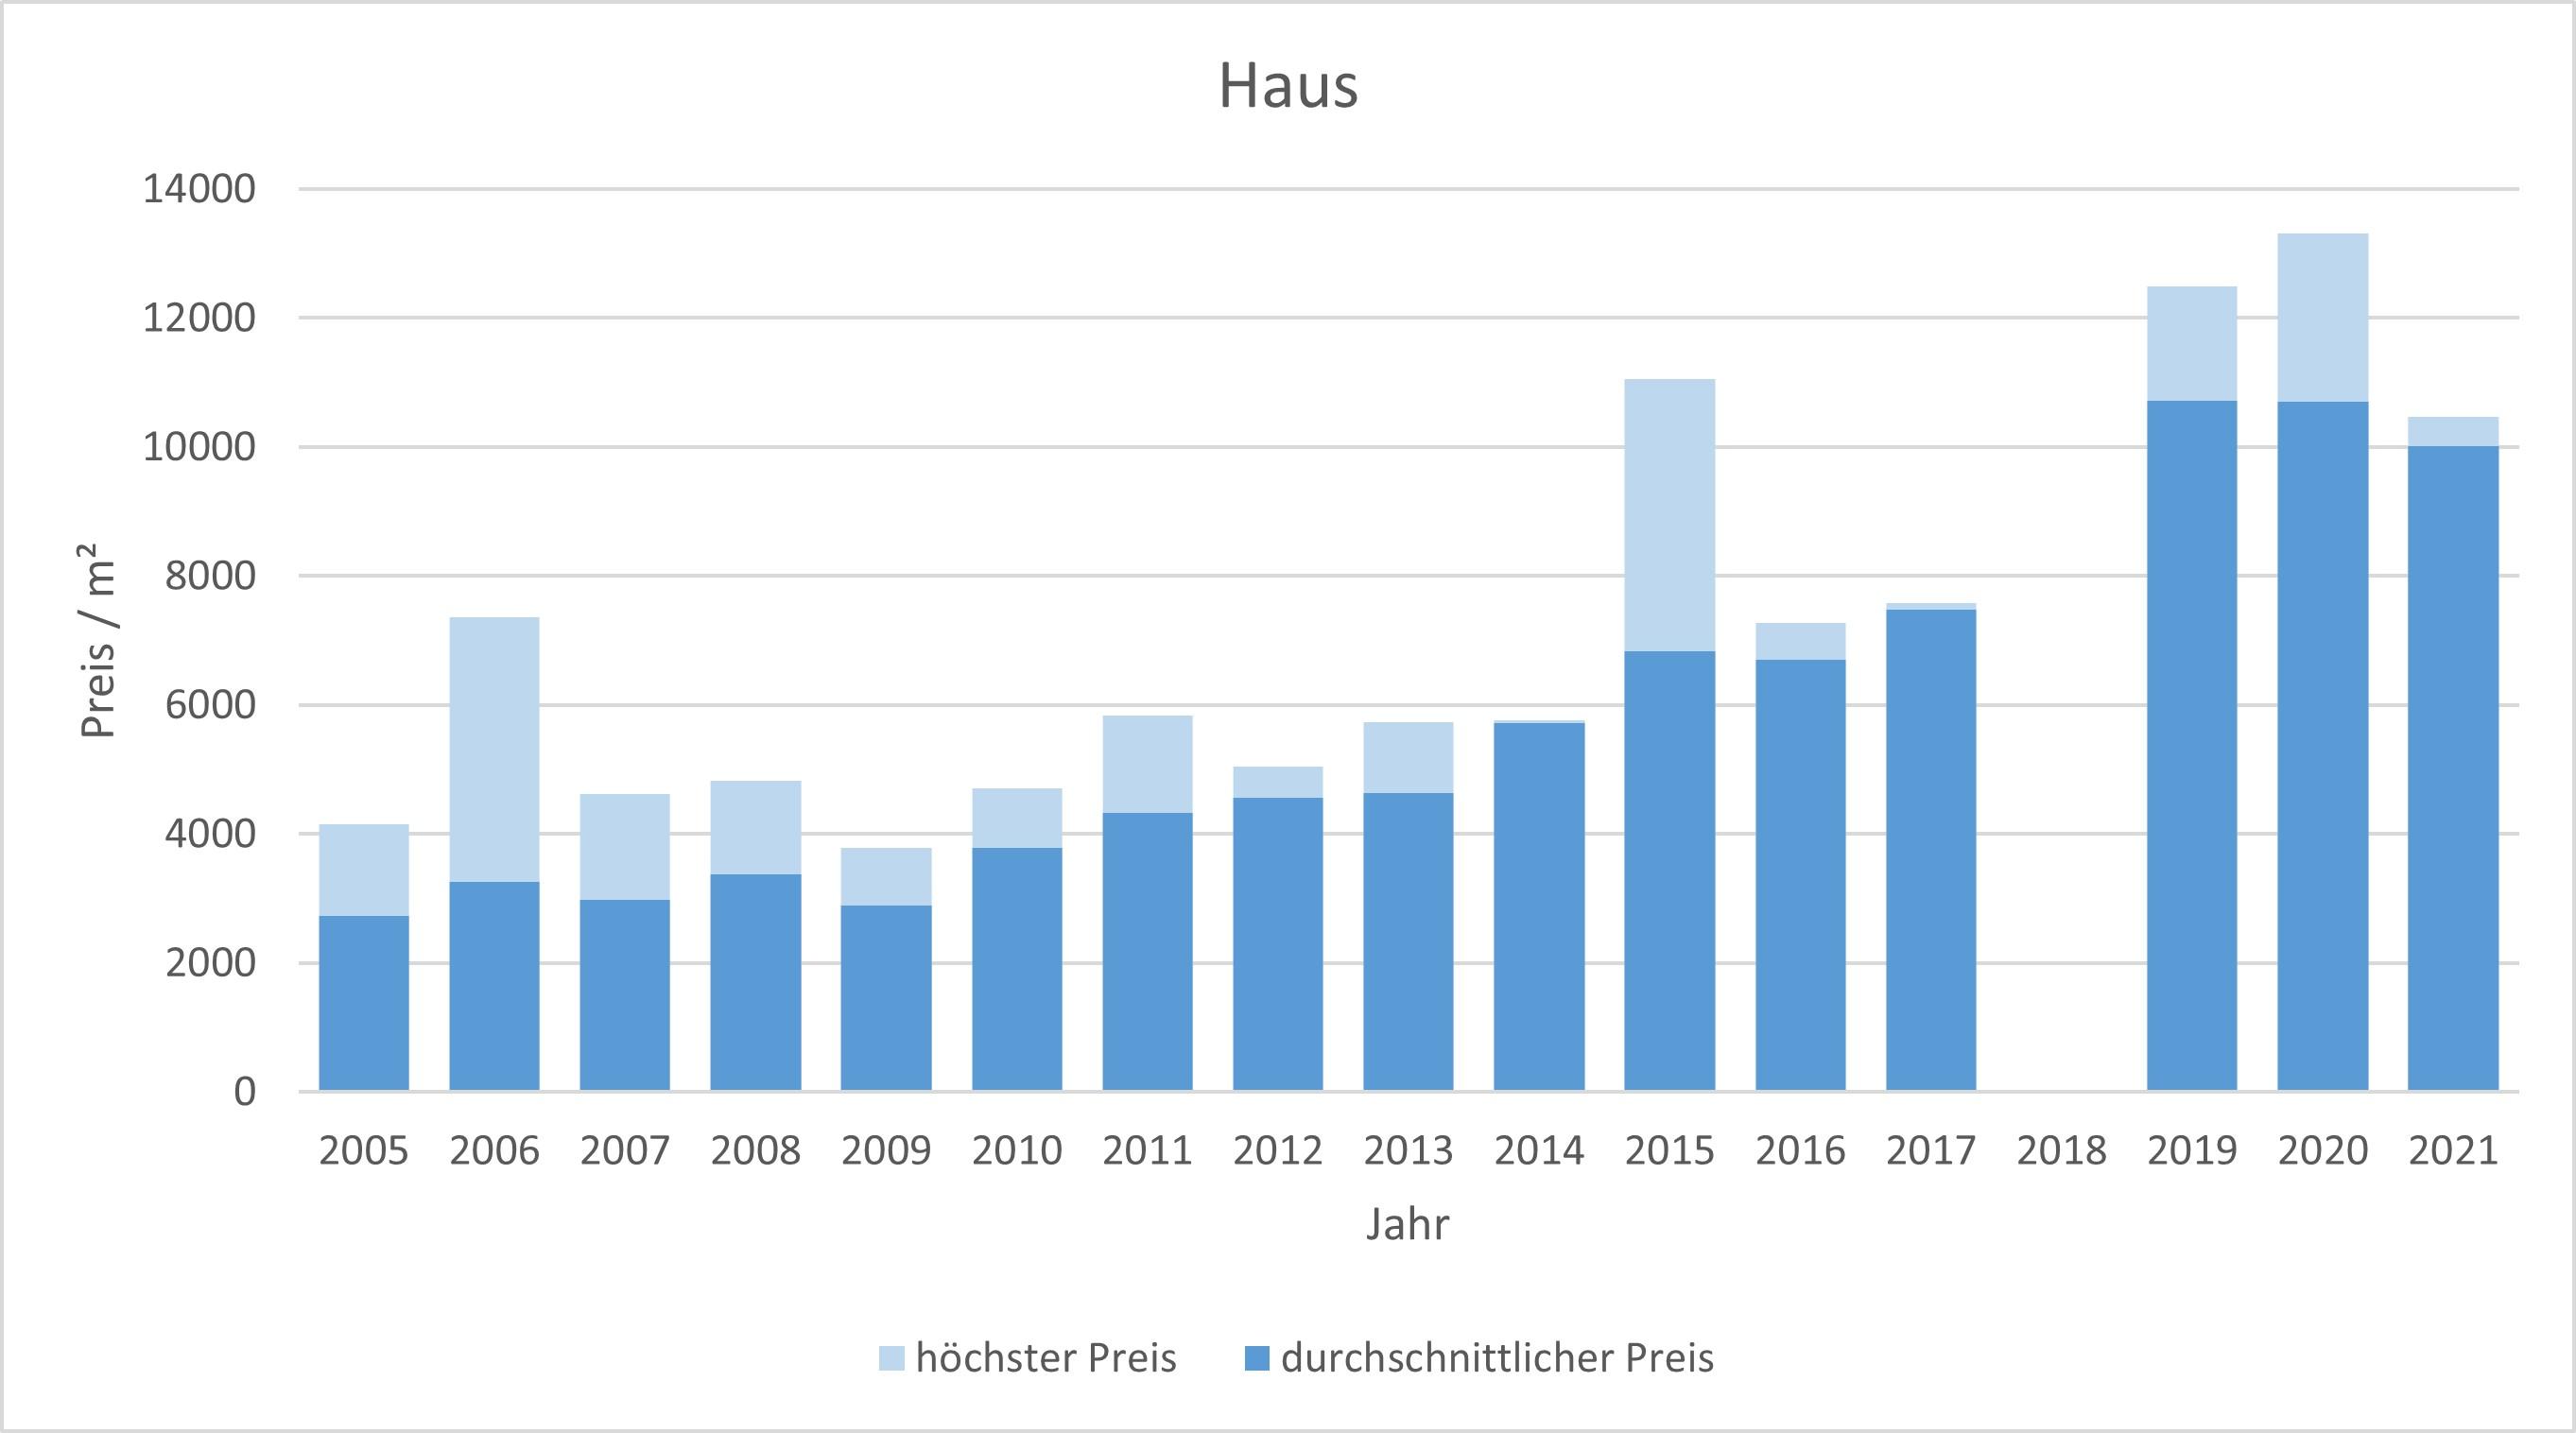 München - Daglfing Haus kaufen verkaufen Preis Bewertung Makler www.happy-immo.de 2019 2020 2021